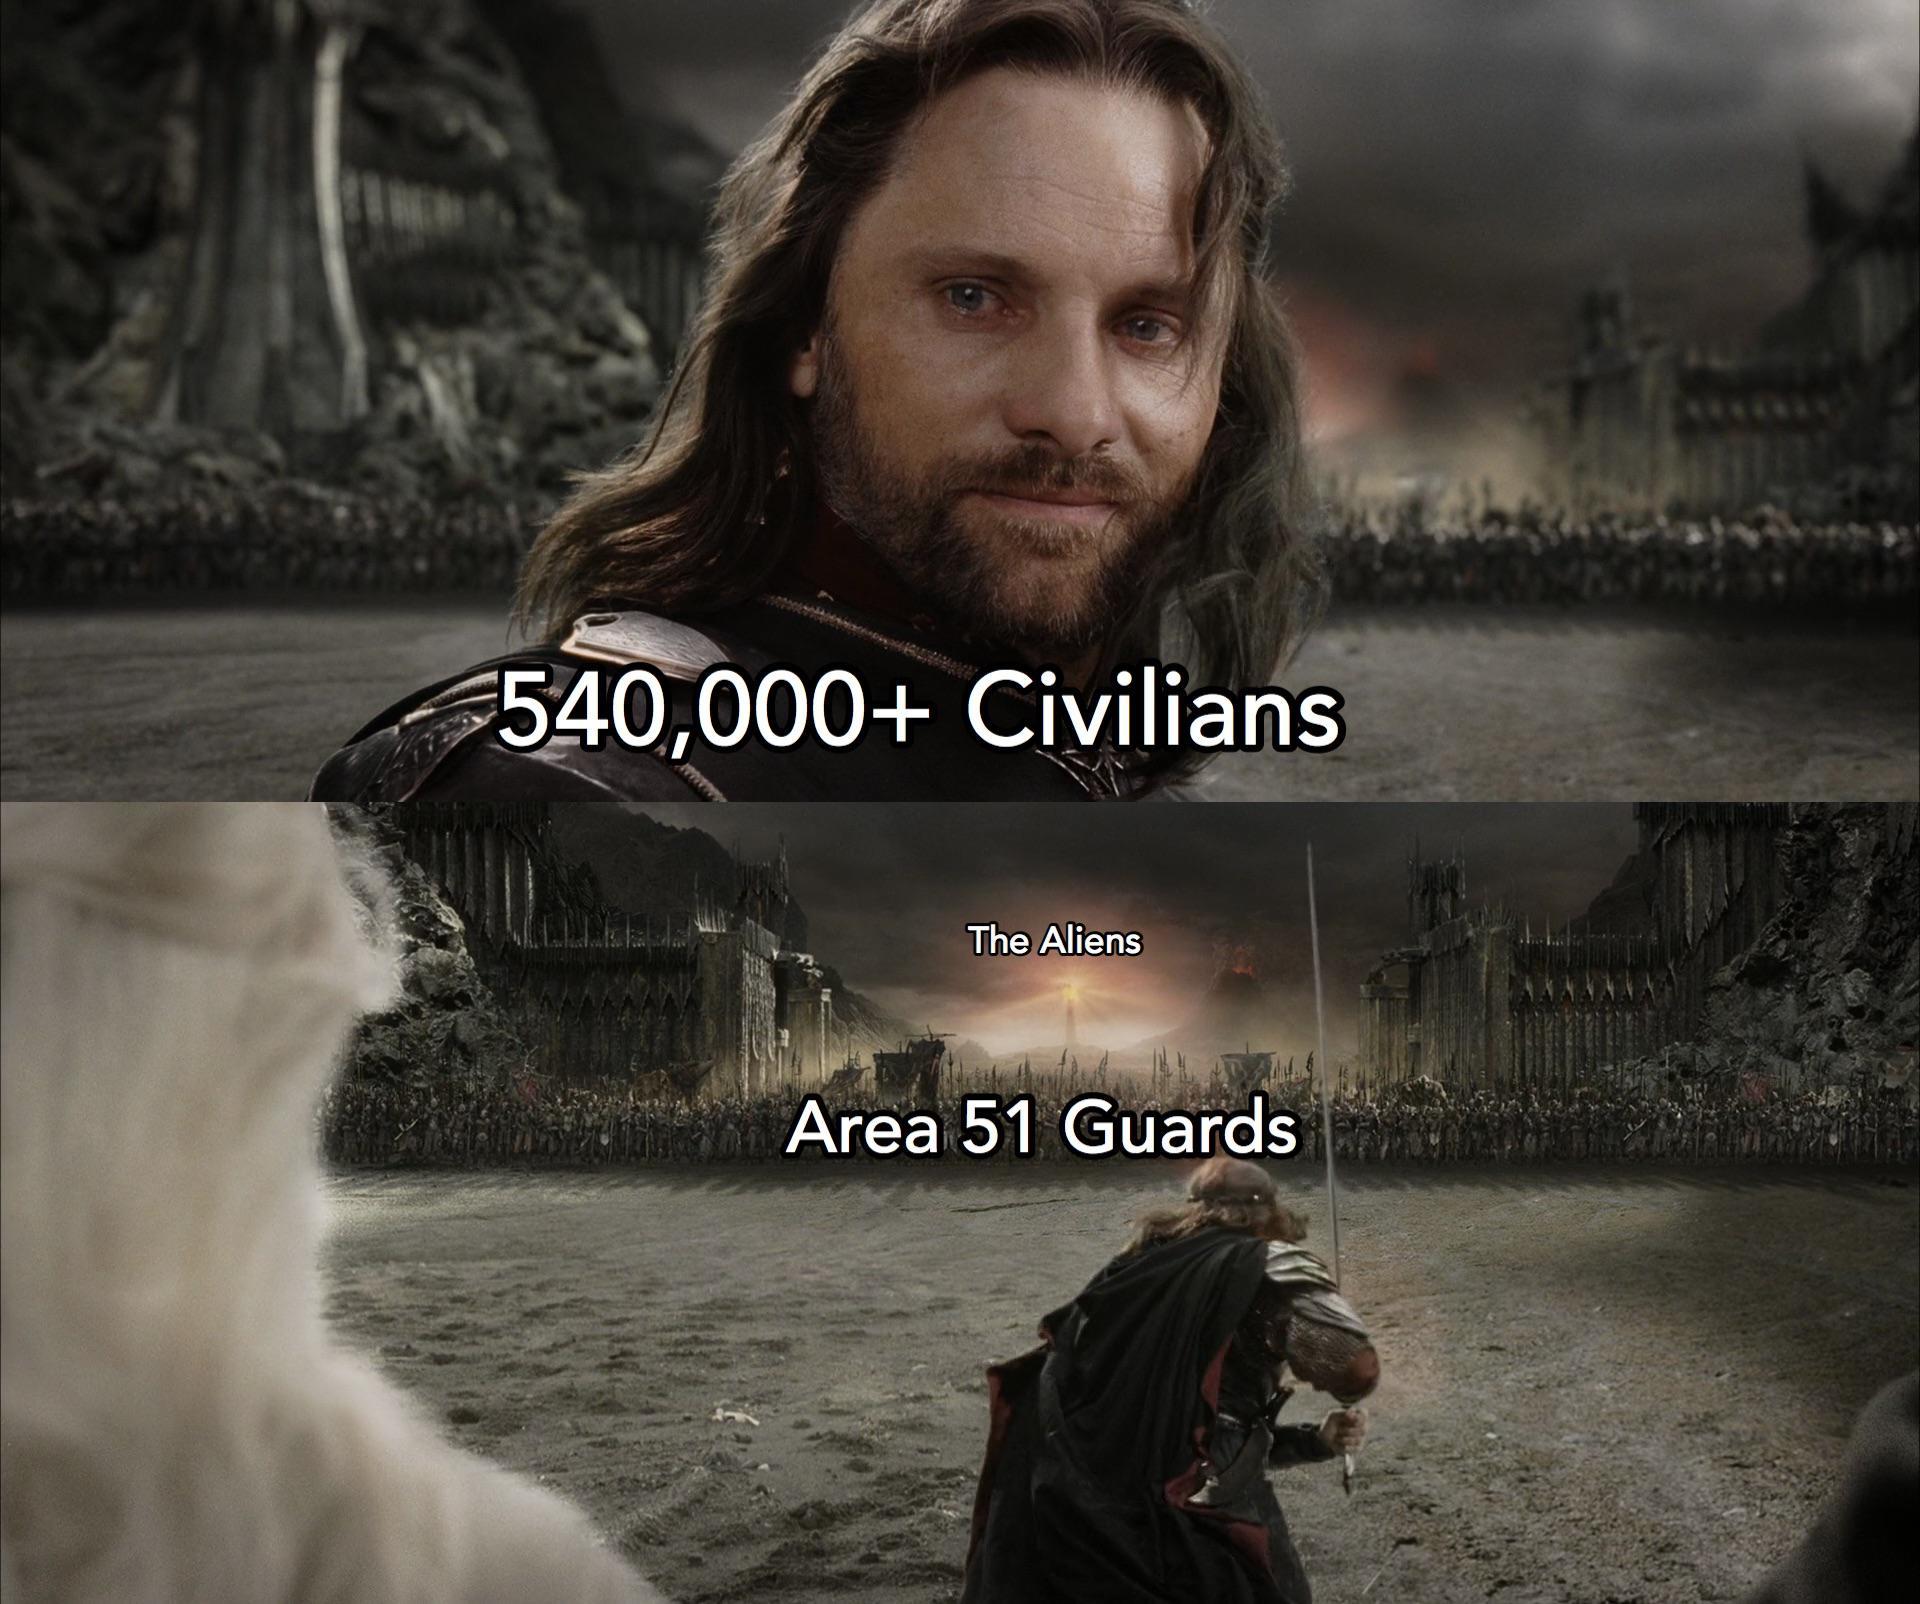 Storm Area 51 Memes